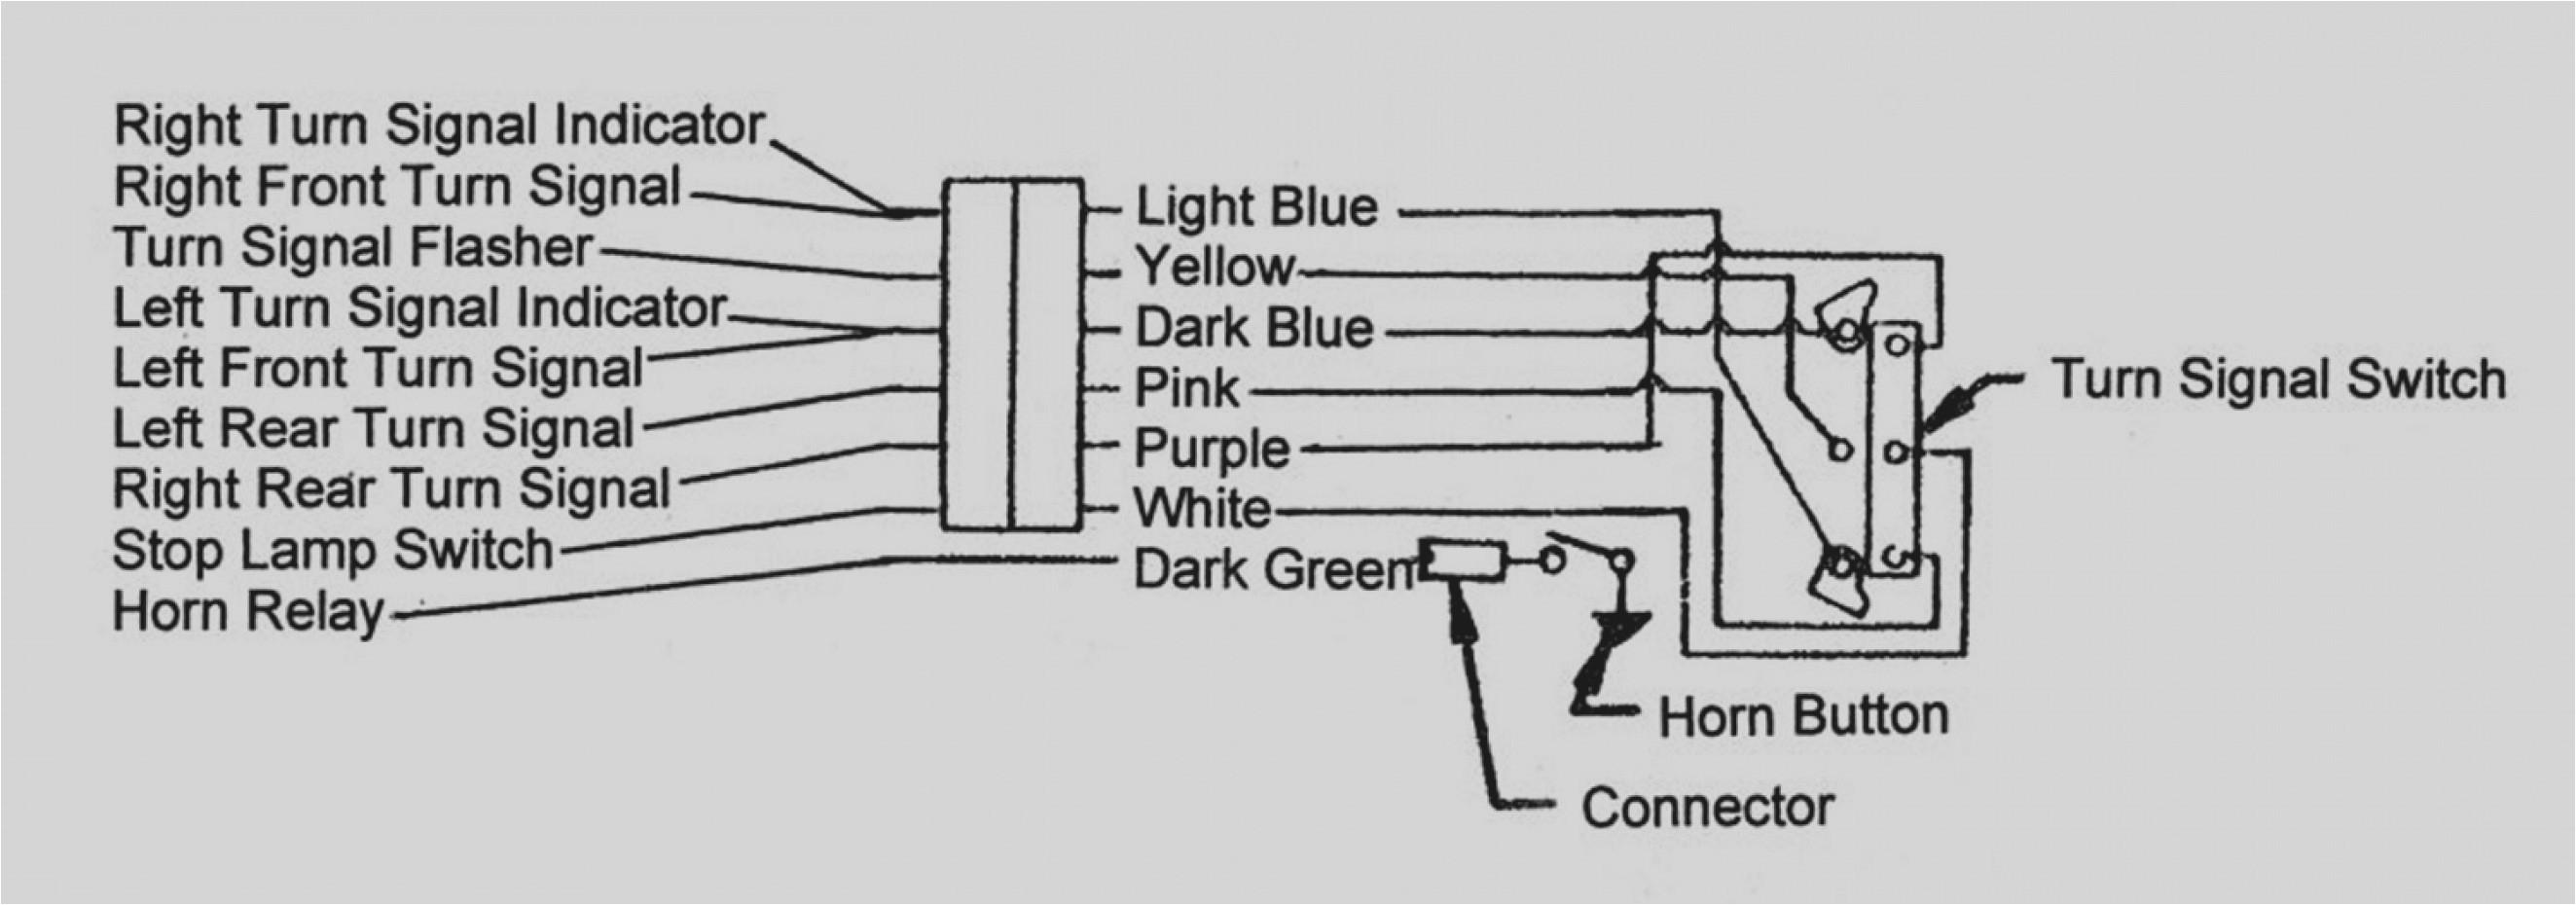 1980 toyota turn signal wiring wiring diagram name 1980 toyota turn signal wiring